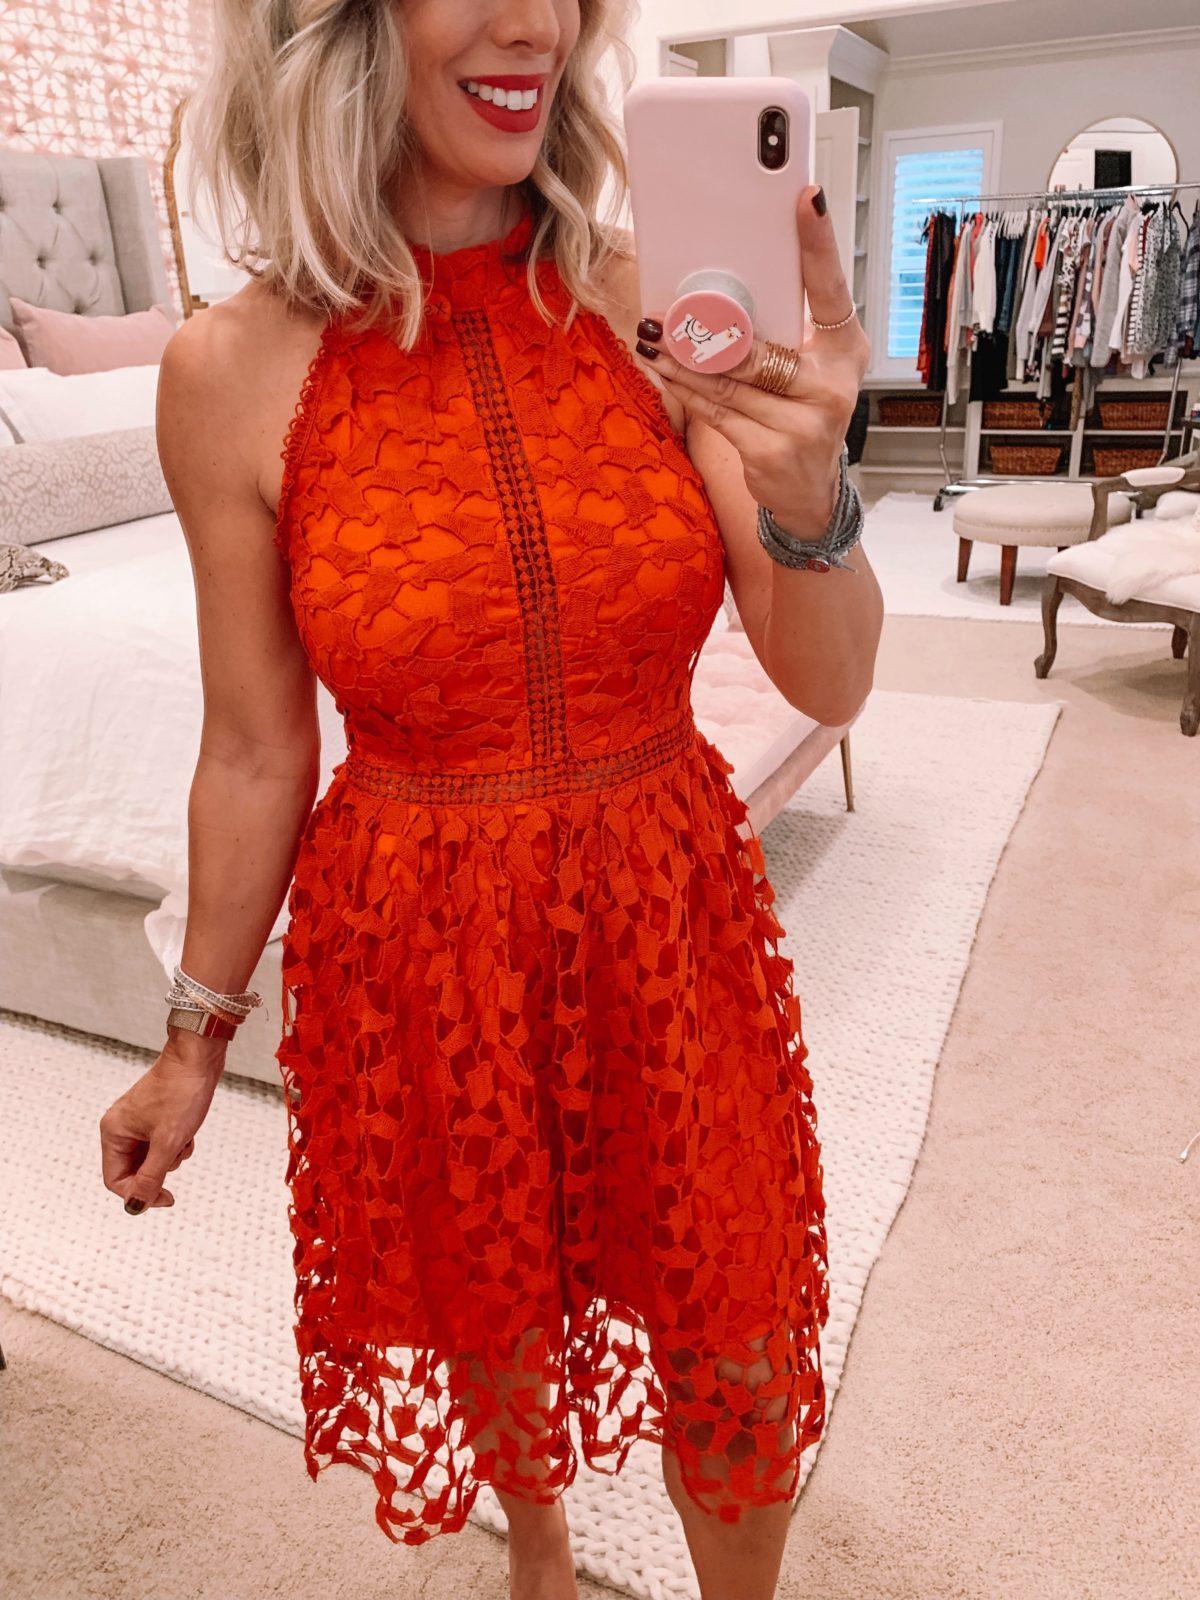 Amazon fashion haul, red lace dress